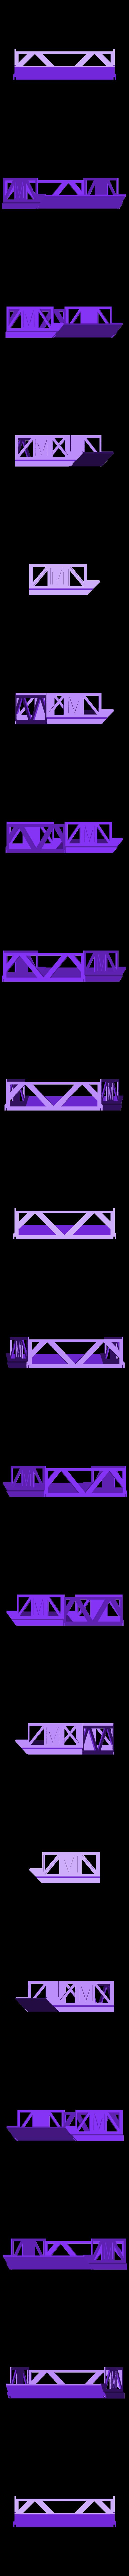 GLOVE BOX (M).stl Télécharger fichier STL gratuit Porte-boîte à gants empilable • Objet pour imprimante 3D, 3DPrintersaur